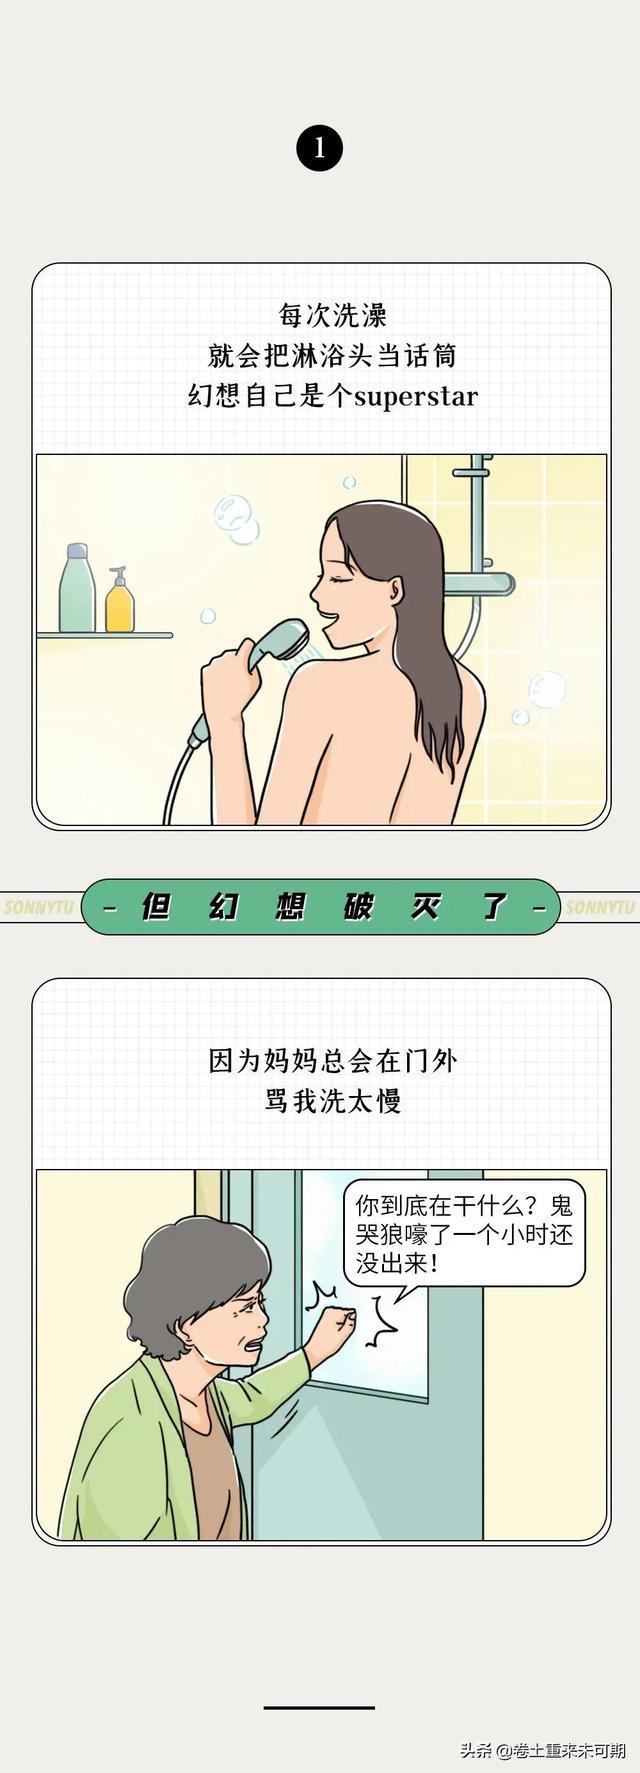 羞羞漫画网页,漫画:独居女性的习惯性幻想(不可描述)